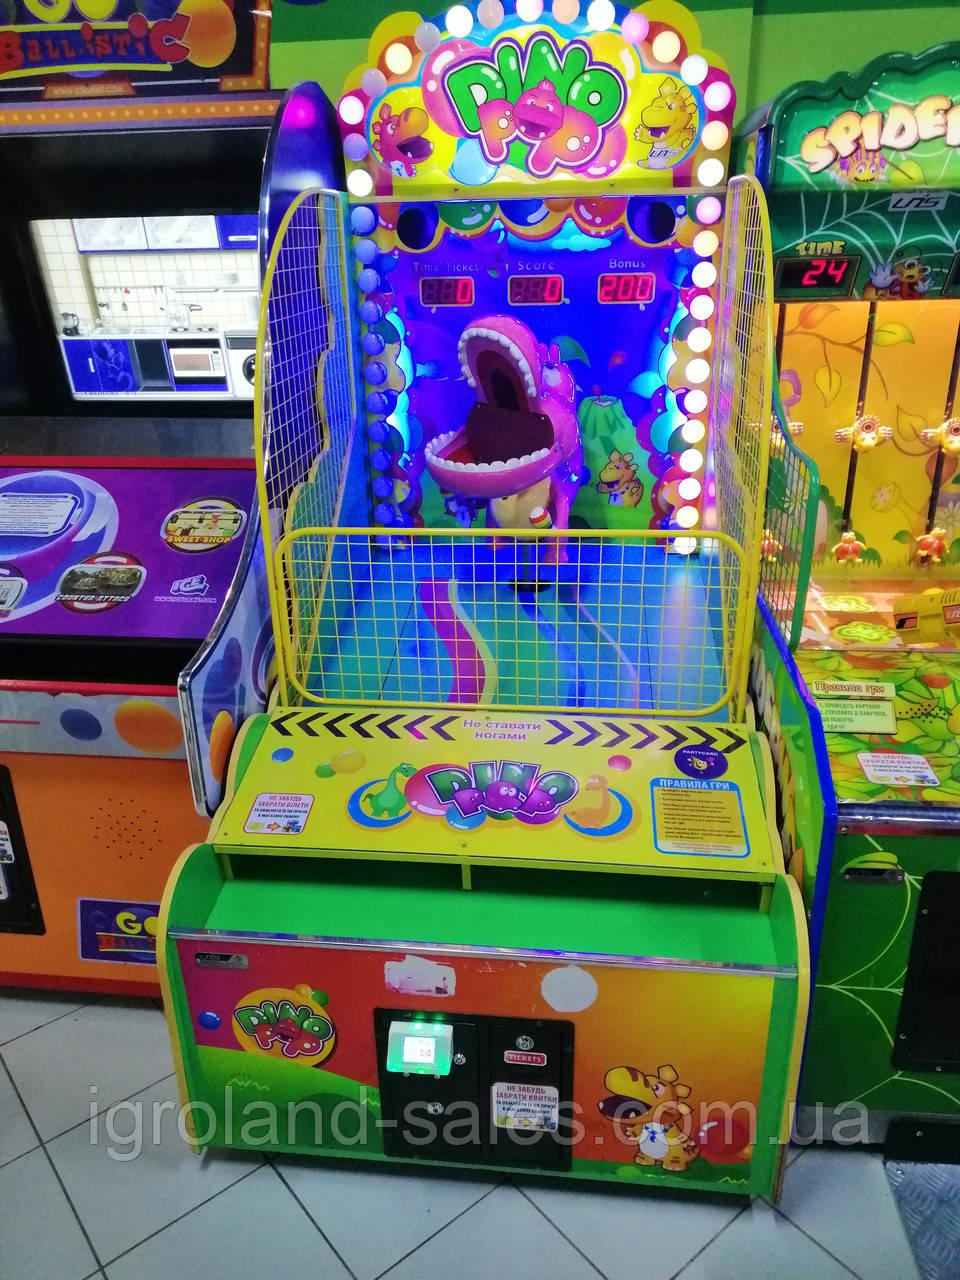 Купить уличные игровые аппараты игровые автоматы.арк